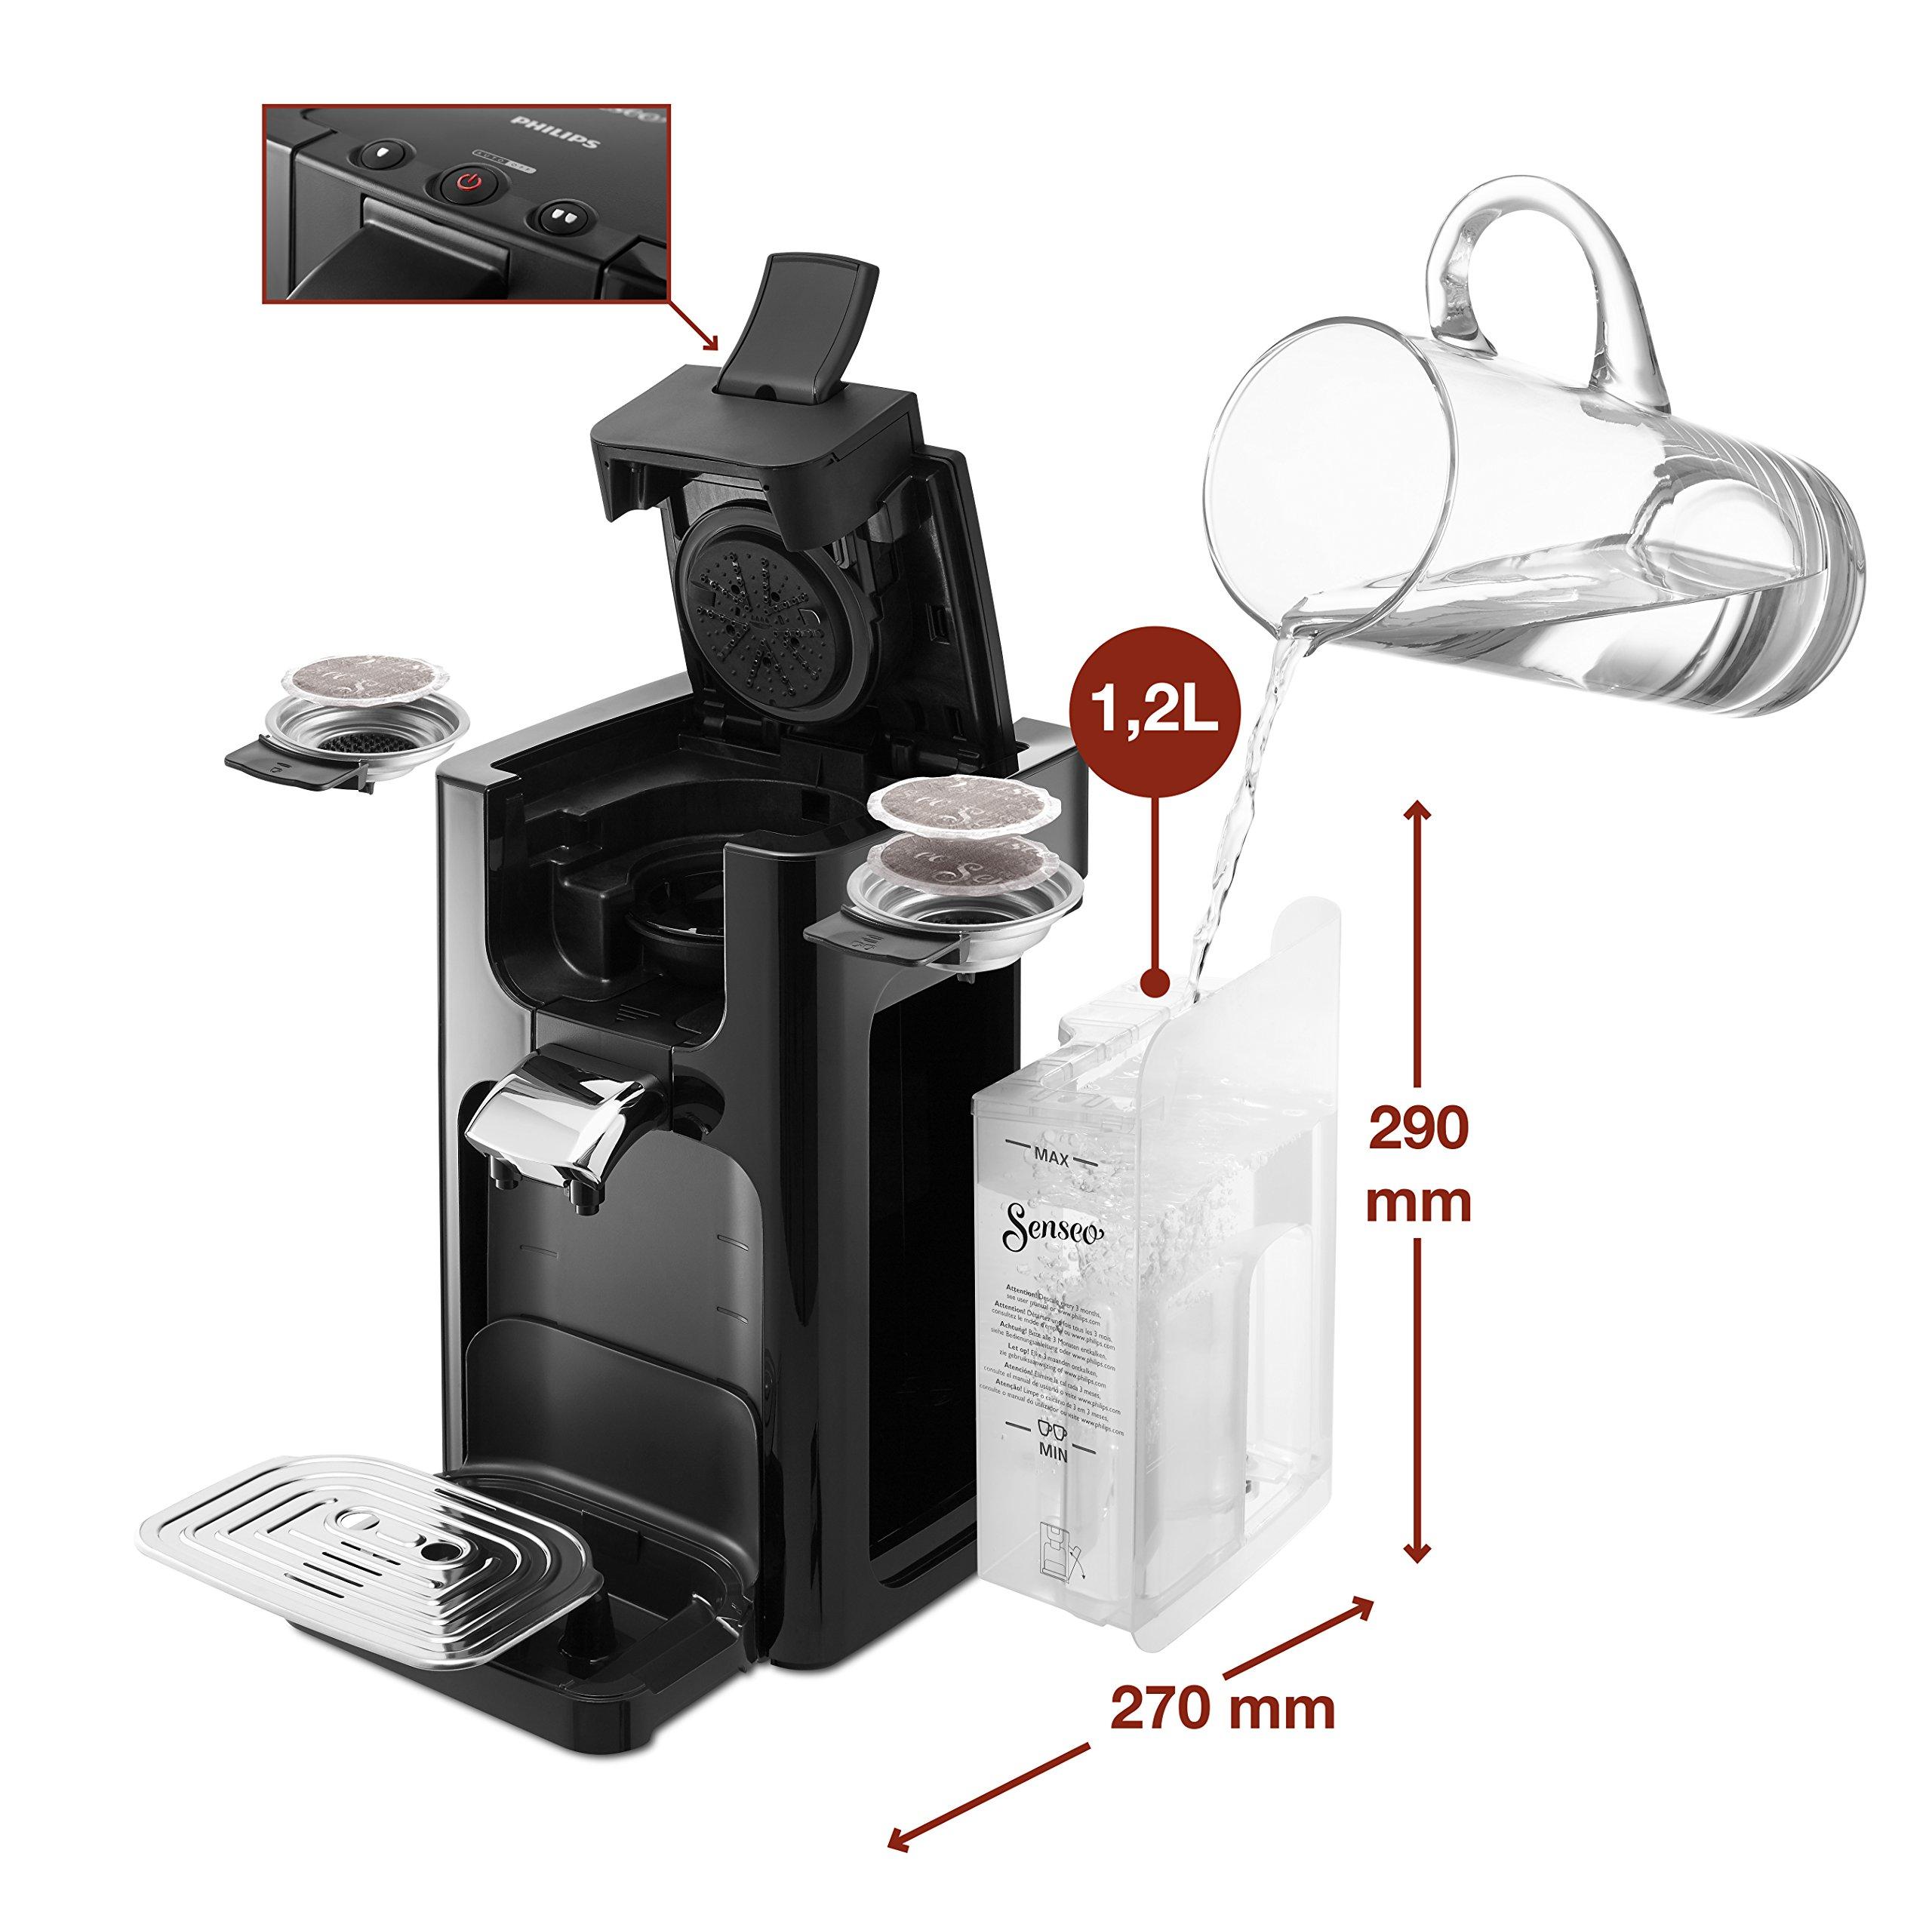 Senseo Quadrante HD7865/60 - Cafetera (Independiente, Máquina de café en cápsulas, 1,2 L, Dosis de café, Negro): Amazon.es: Hogar